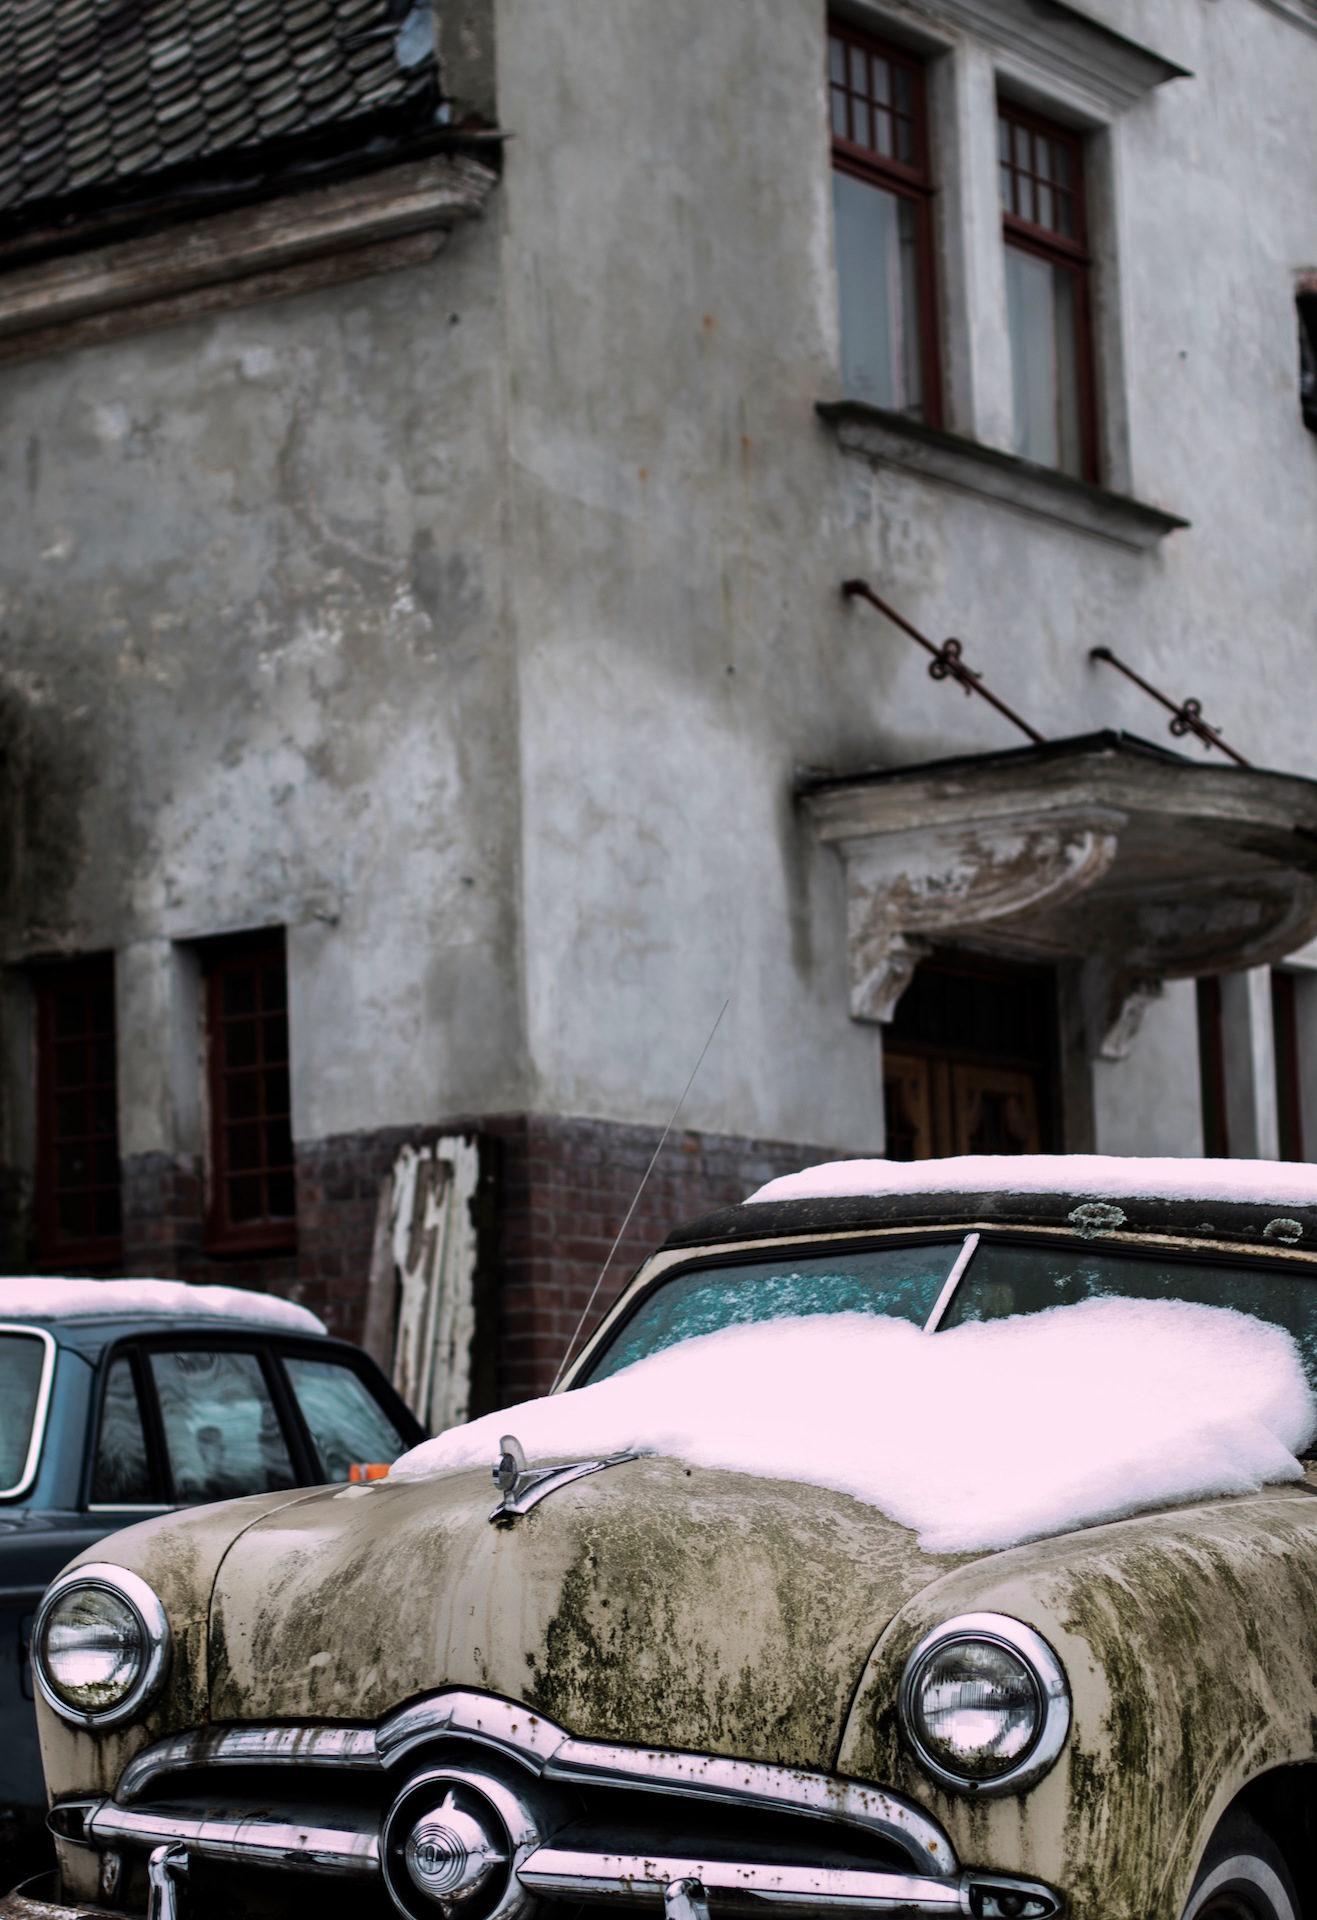 voiture, neige, Maison, vieux, Vintage - Fonds d'écran HD - Professor-falken.com